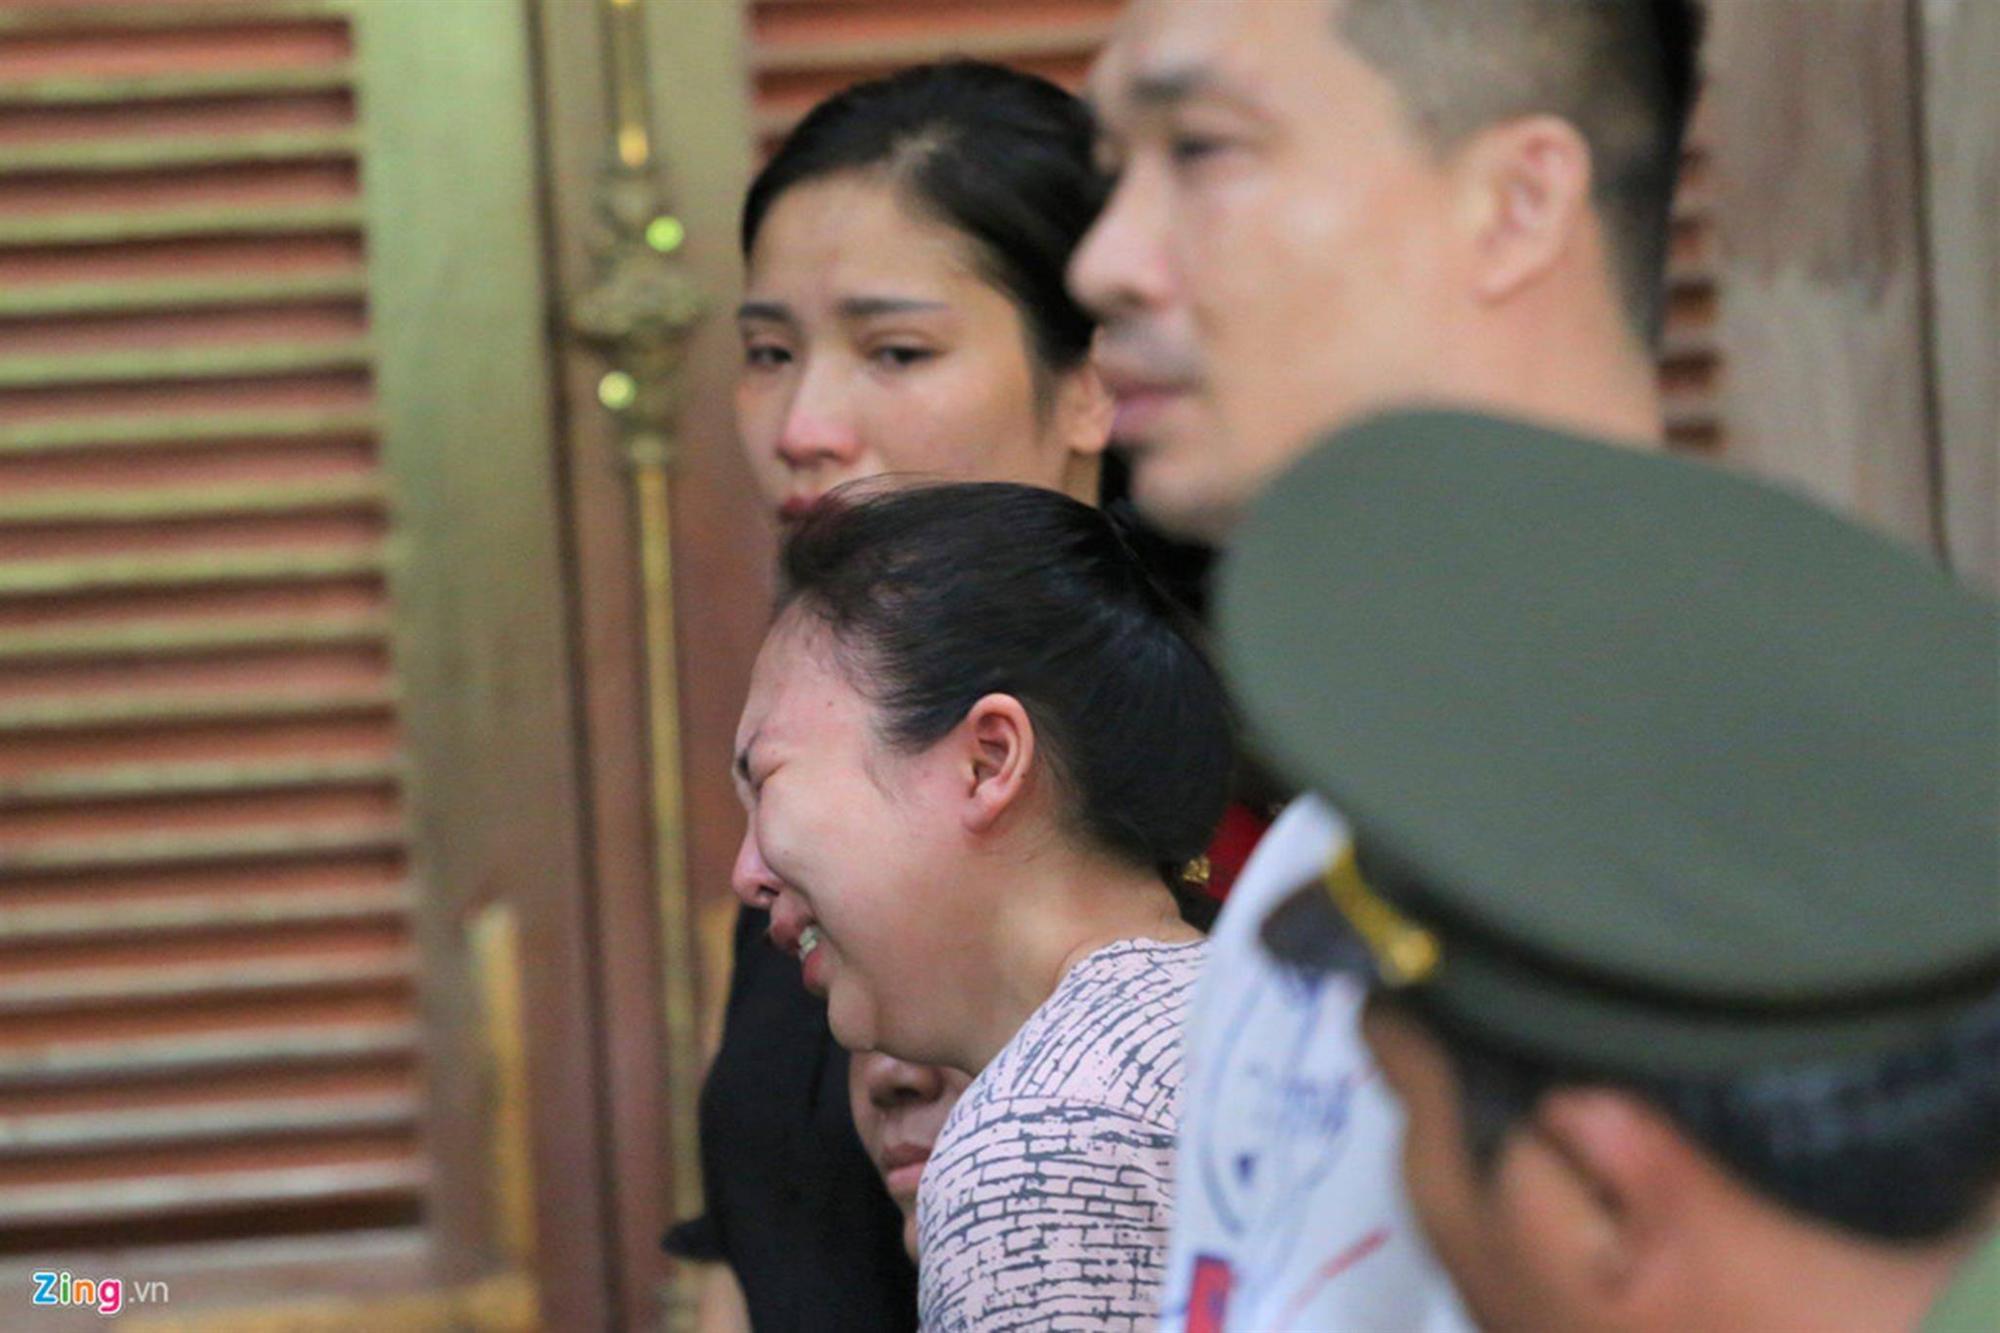 Cảm xúc trái chiều của Ngọc Miu và nhiều bị cáo khi VKS đề nghị án-7